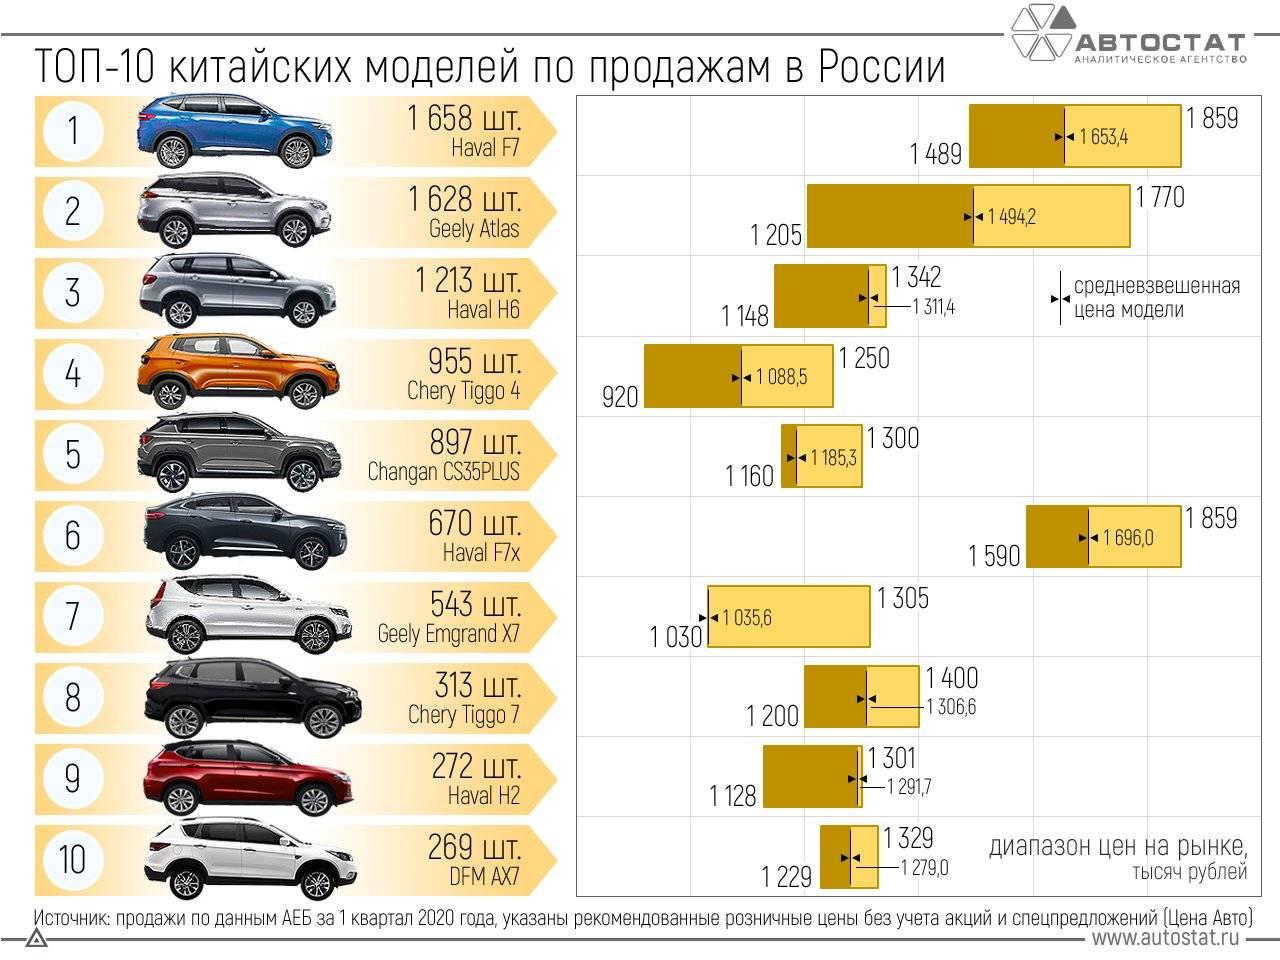 10 самых популярных французских машин на российской вторичке в мае